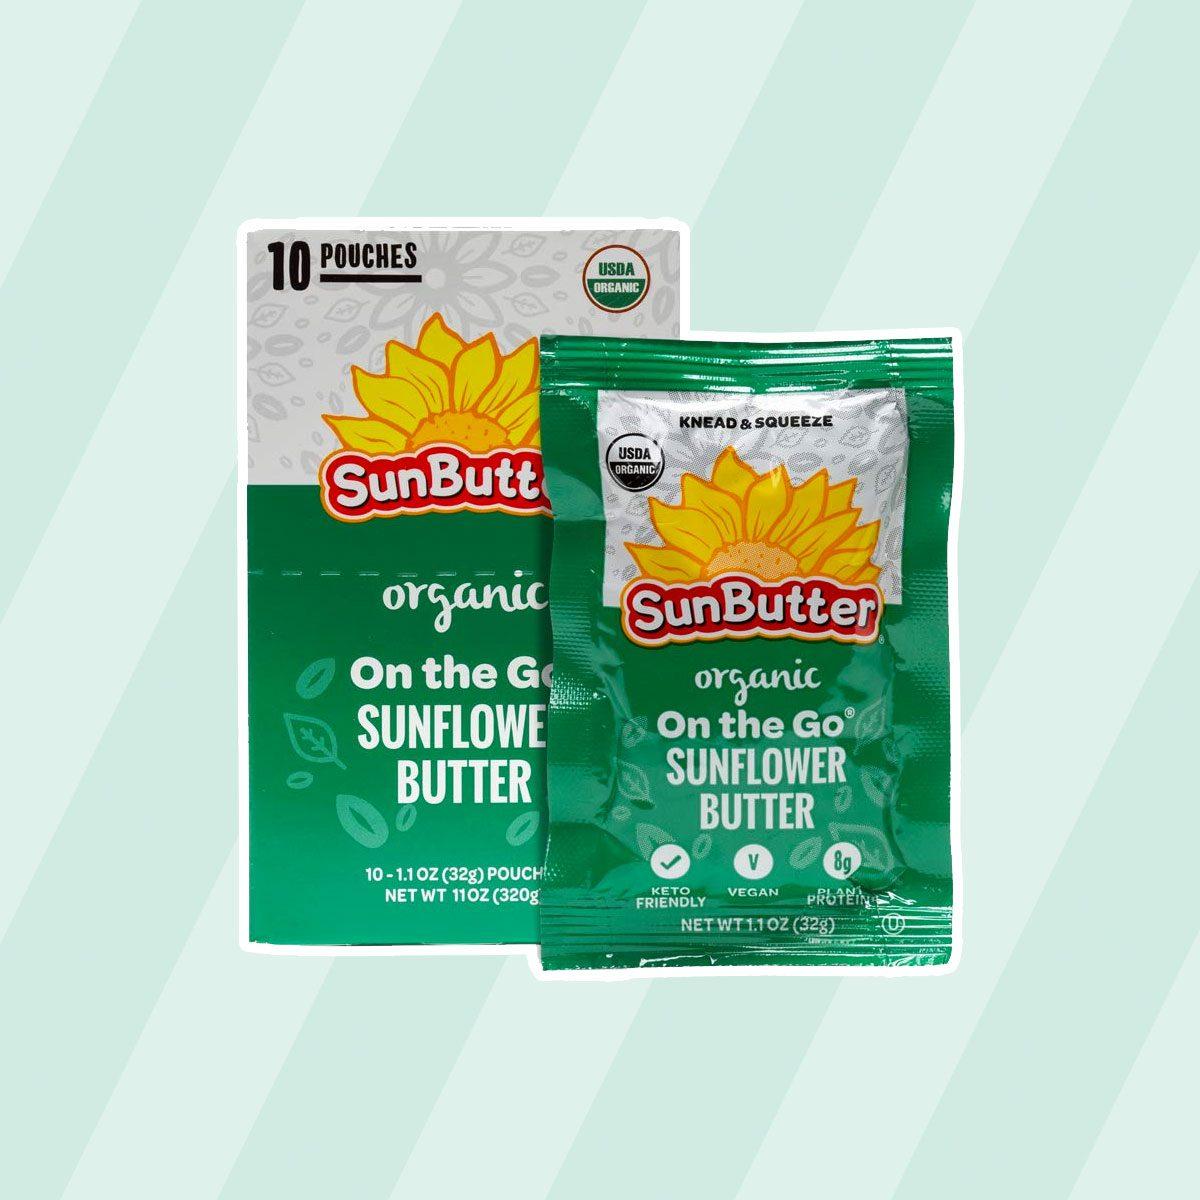 paleo snacks SunButter Sunflower Butter